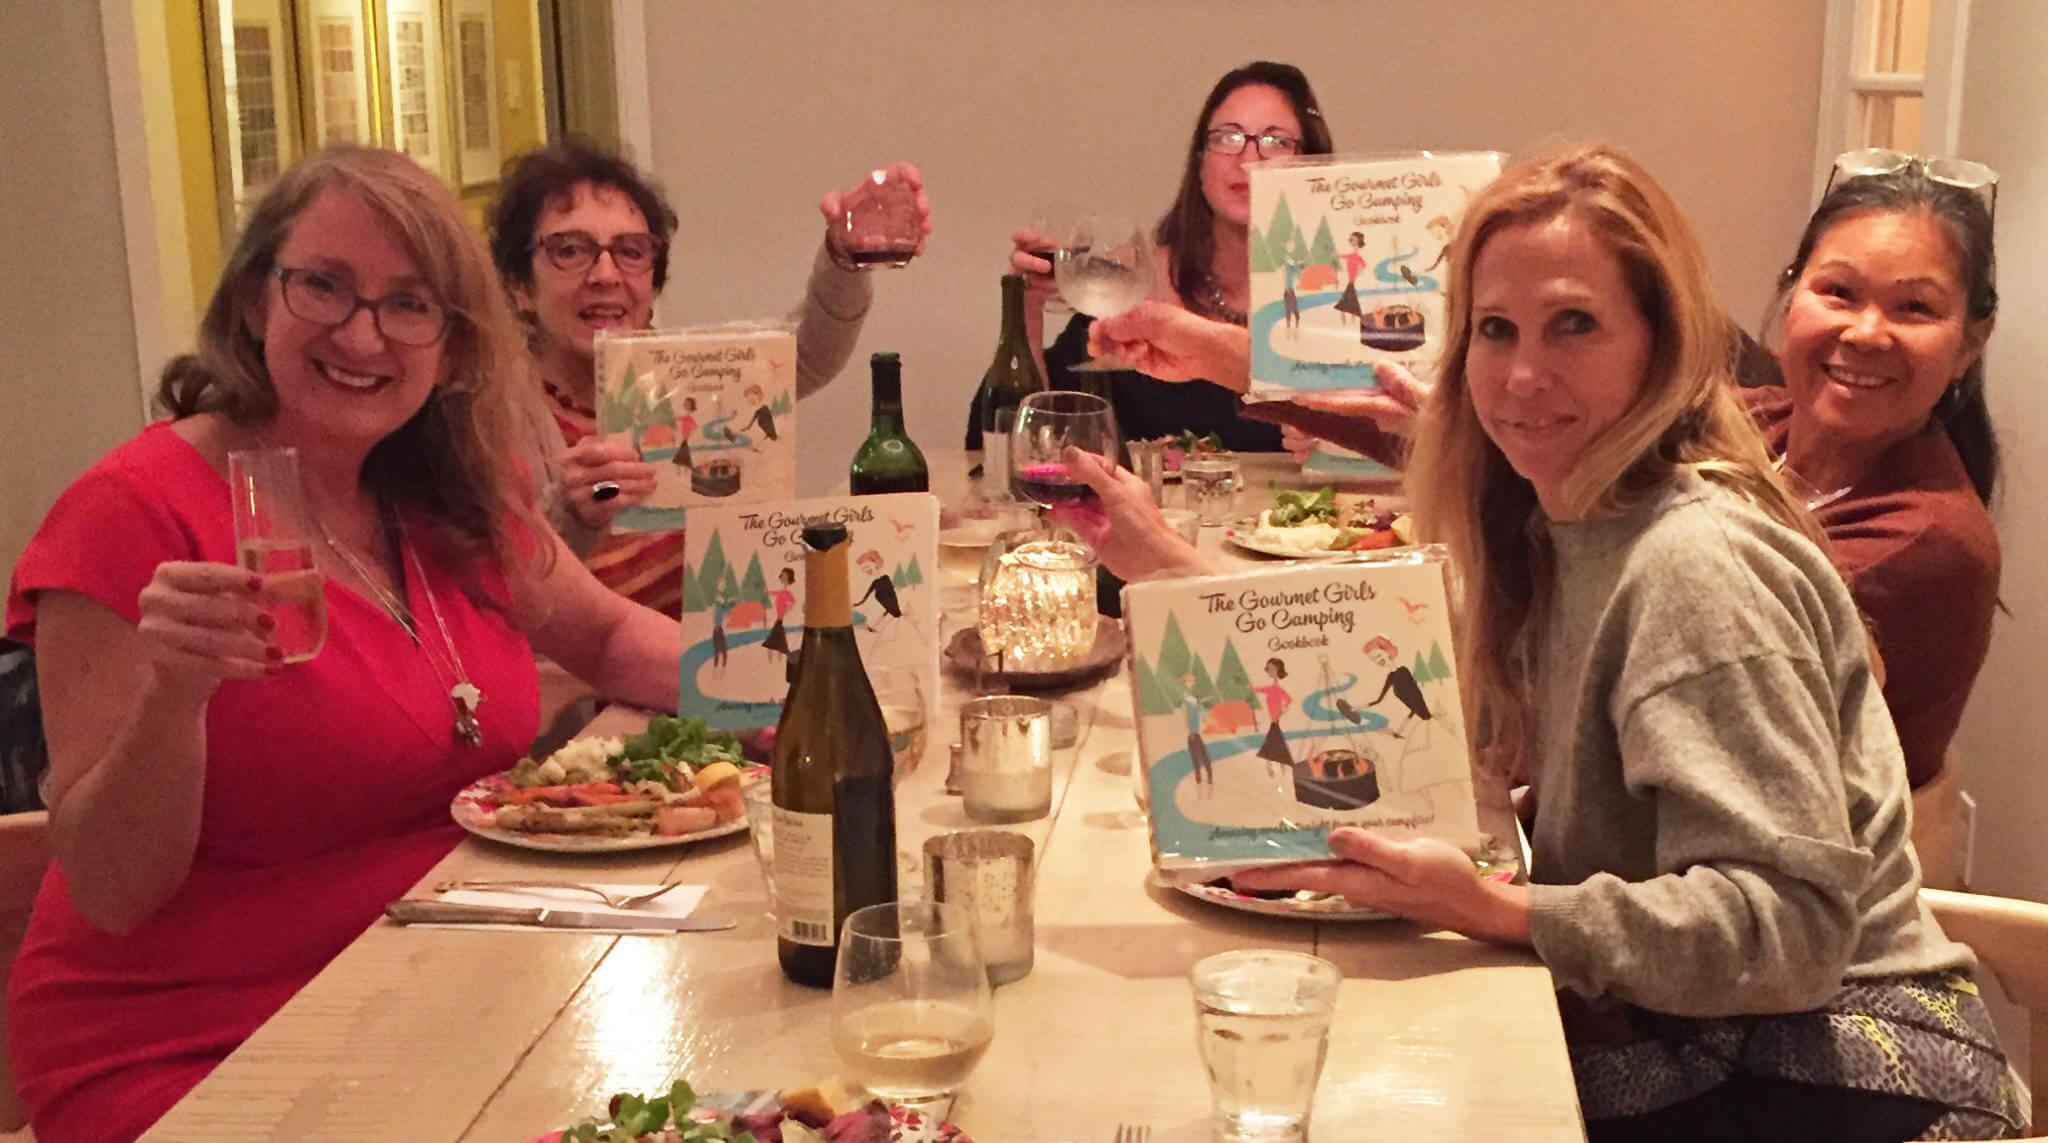 Gourmet Girls at Large